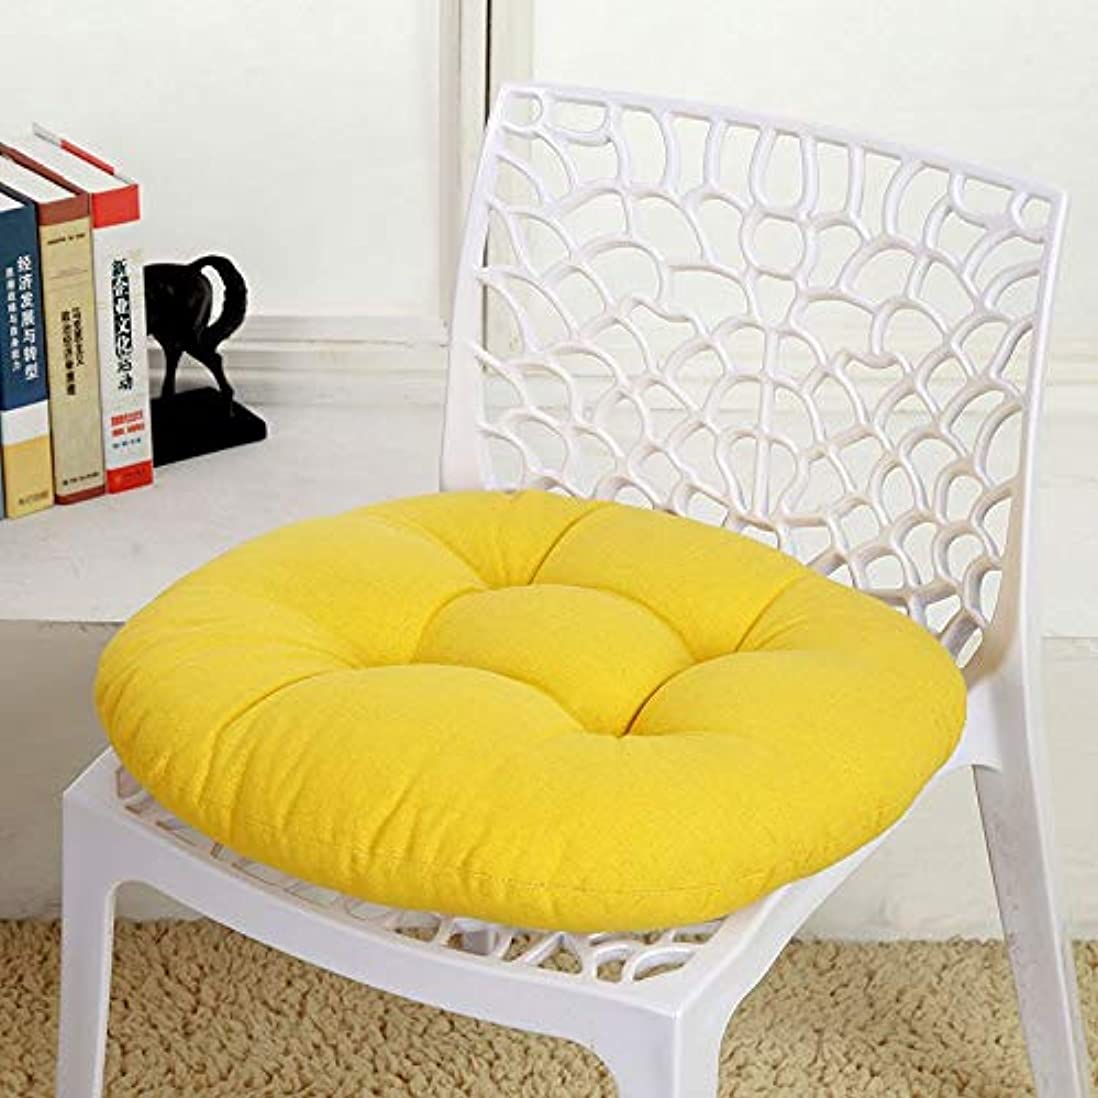 光電ギャラリー規則性SMART キャンディカラーのクッションラウンドシートクッション波ウィンドウシートクッションクッション家の装飾パッドラウンド枕シート枕椅子座る枕 クッション 椅子